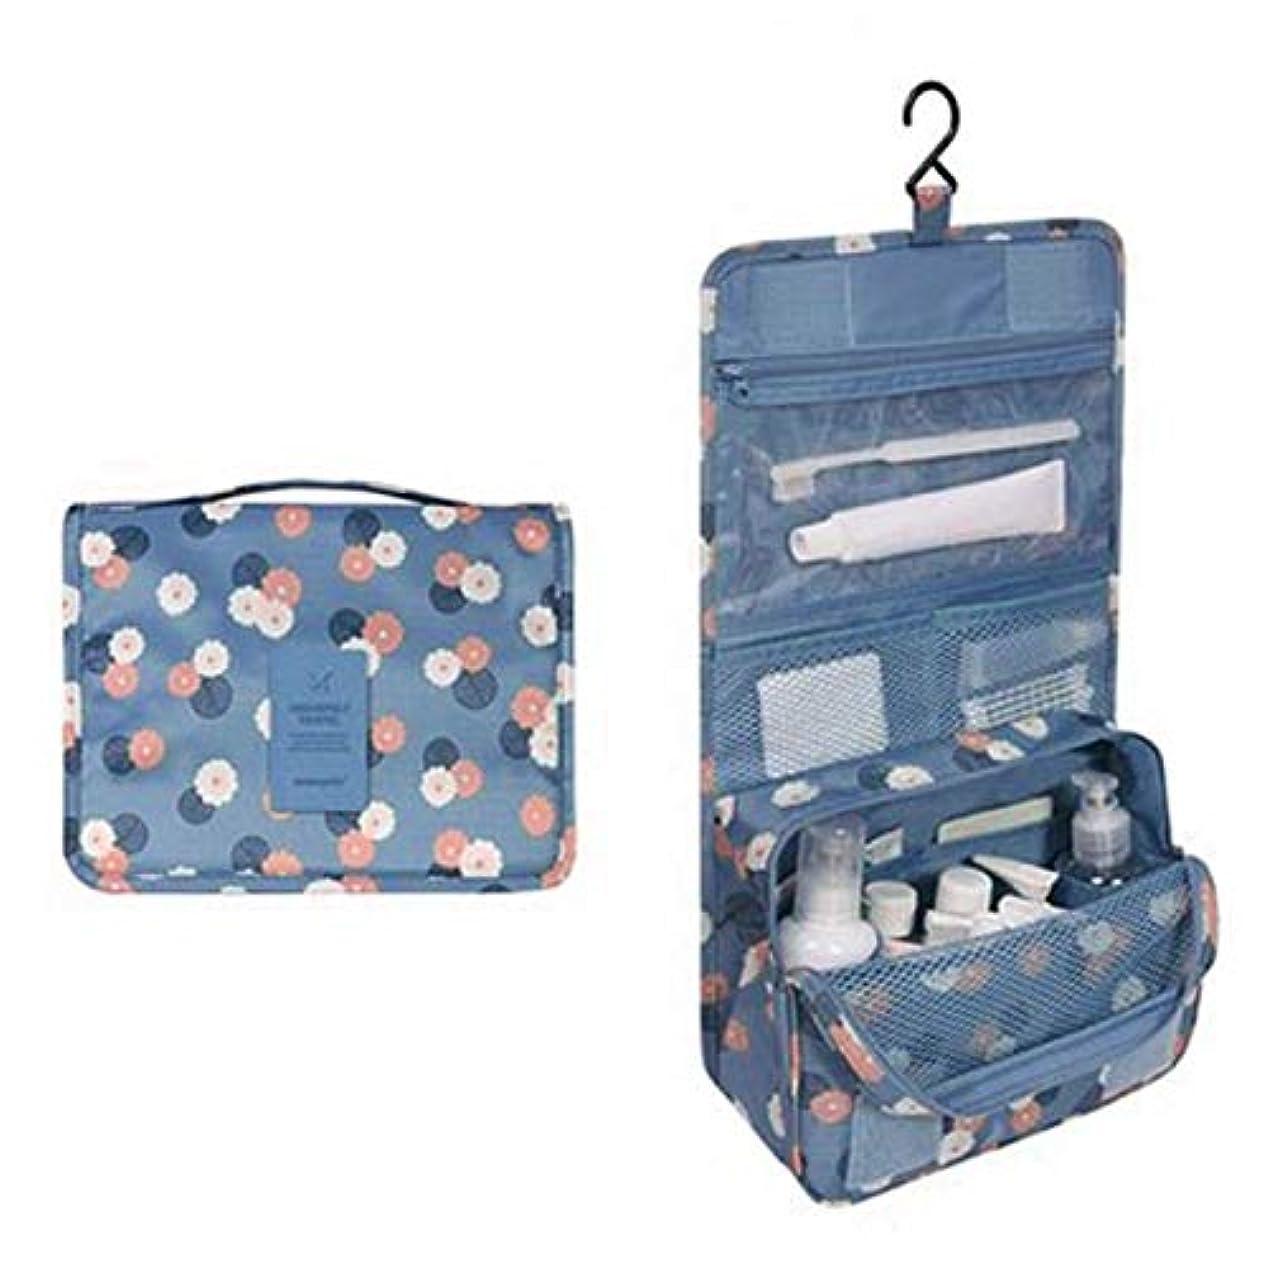 便益アルカイック気性Wadachikis 例外的な女性ジッパーハンギング防水旅行トイレタリーの洗浄化粧品オーガナイザーバッグバッグ(None Picture Color)